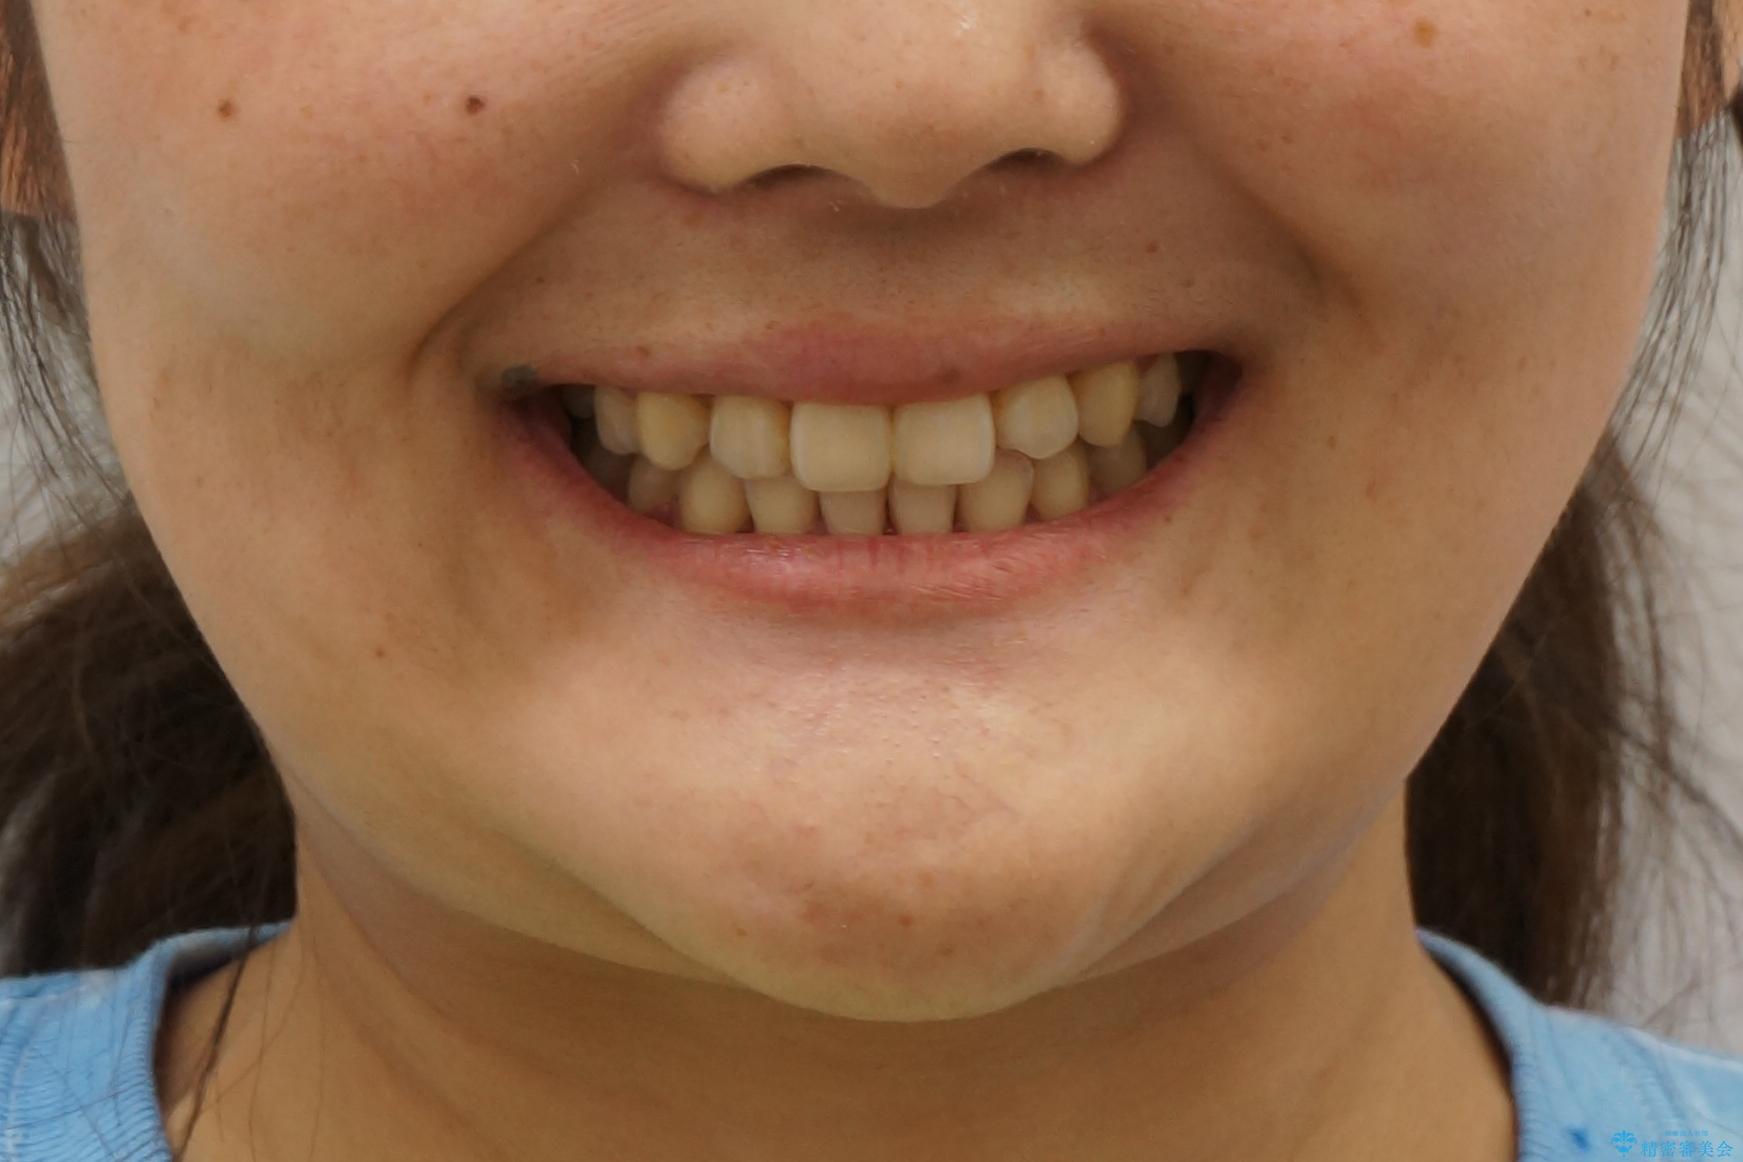 八重歯 ハーフリンガルで 乳歯が残っているの治療後(顔貌)